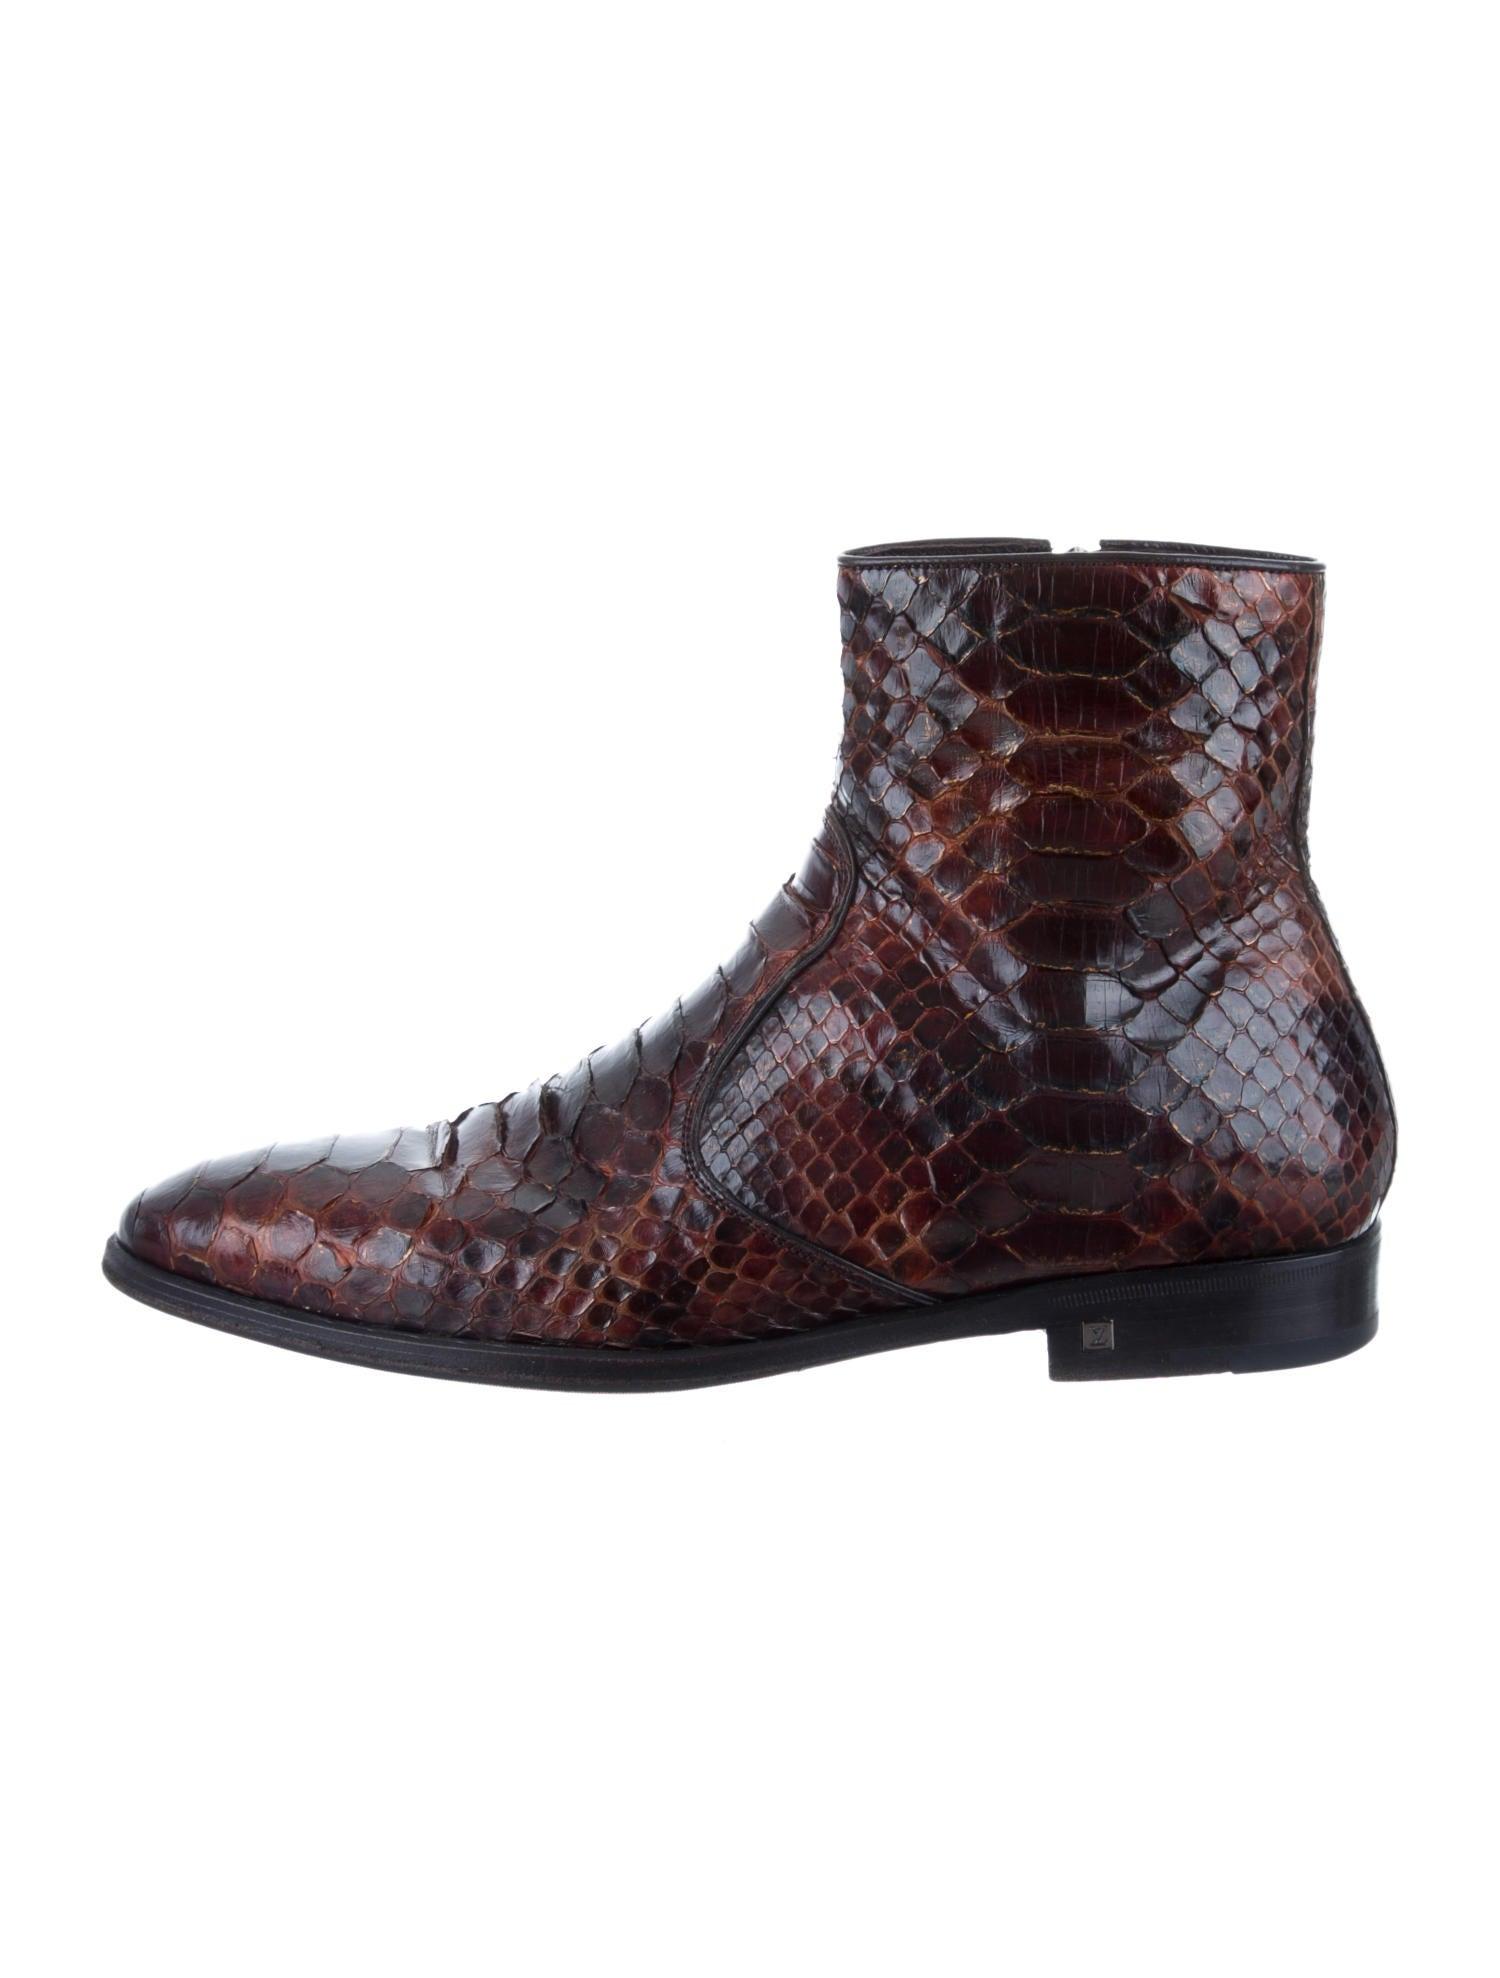 LOUIS VUITTON Python Boots pAlUxS